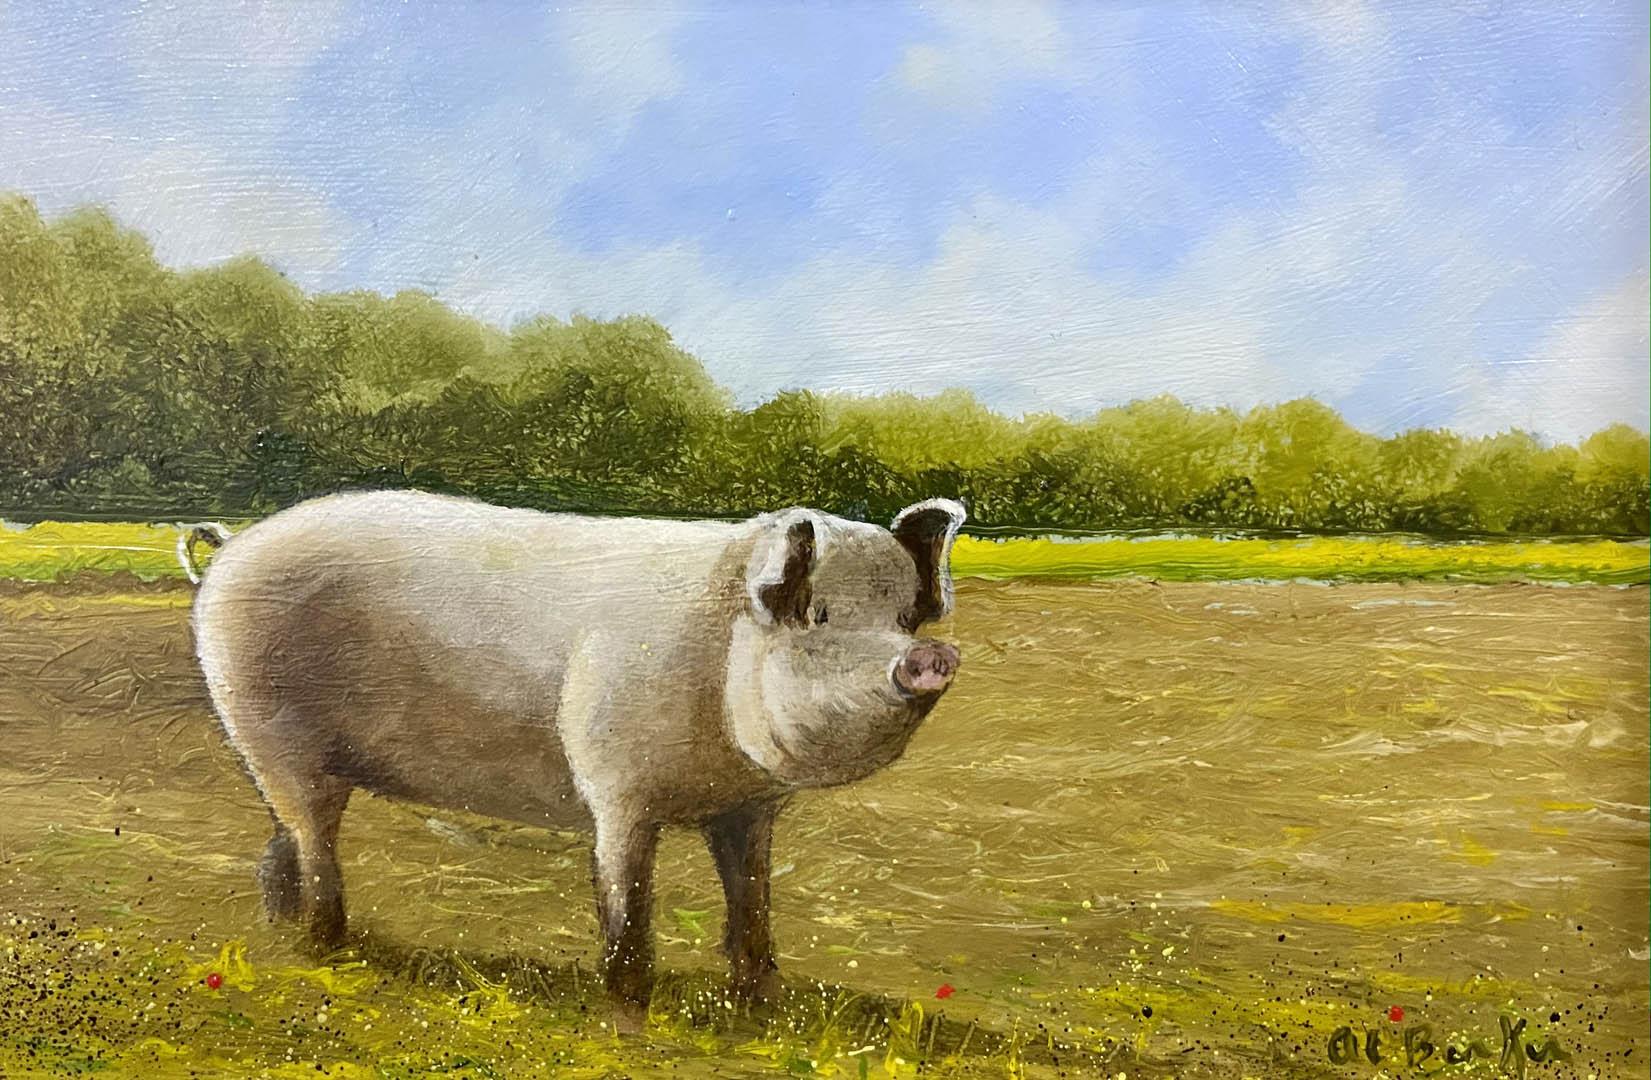 Artist Al Barker